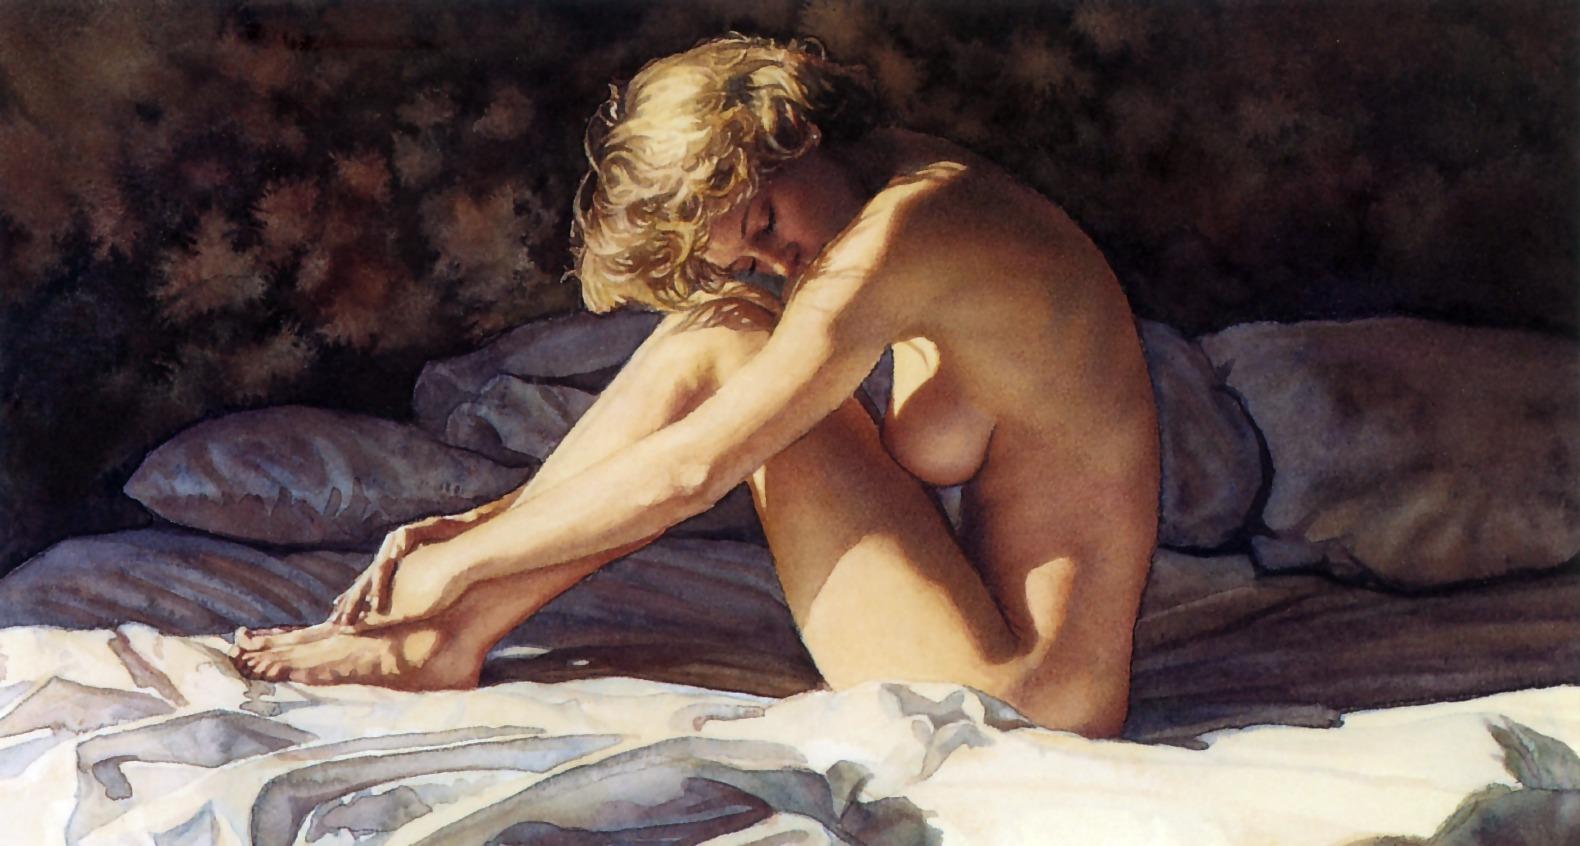 Художник рисует голую девушку 11 фотография